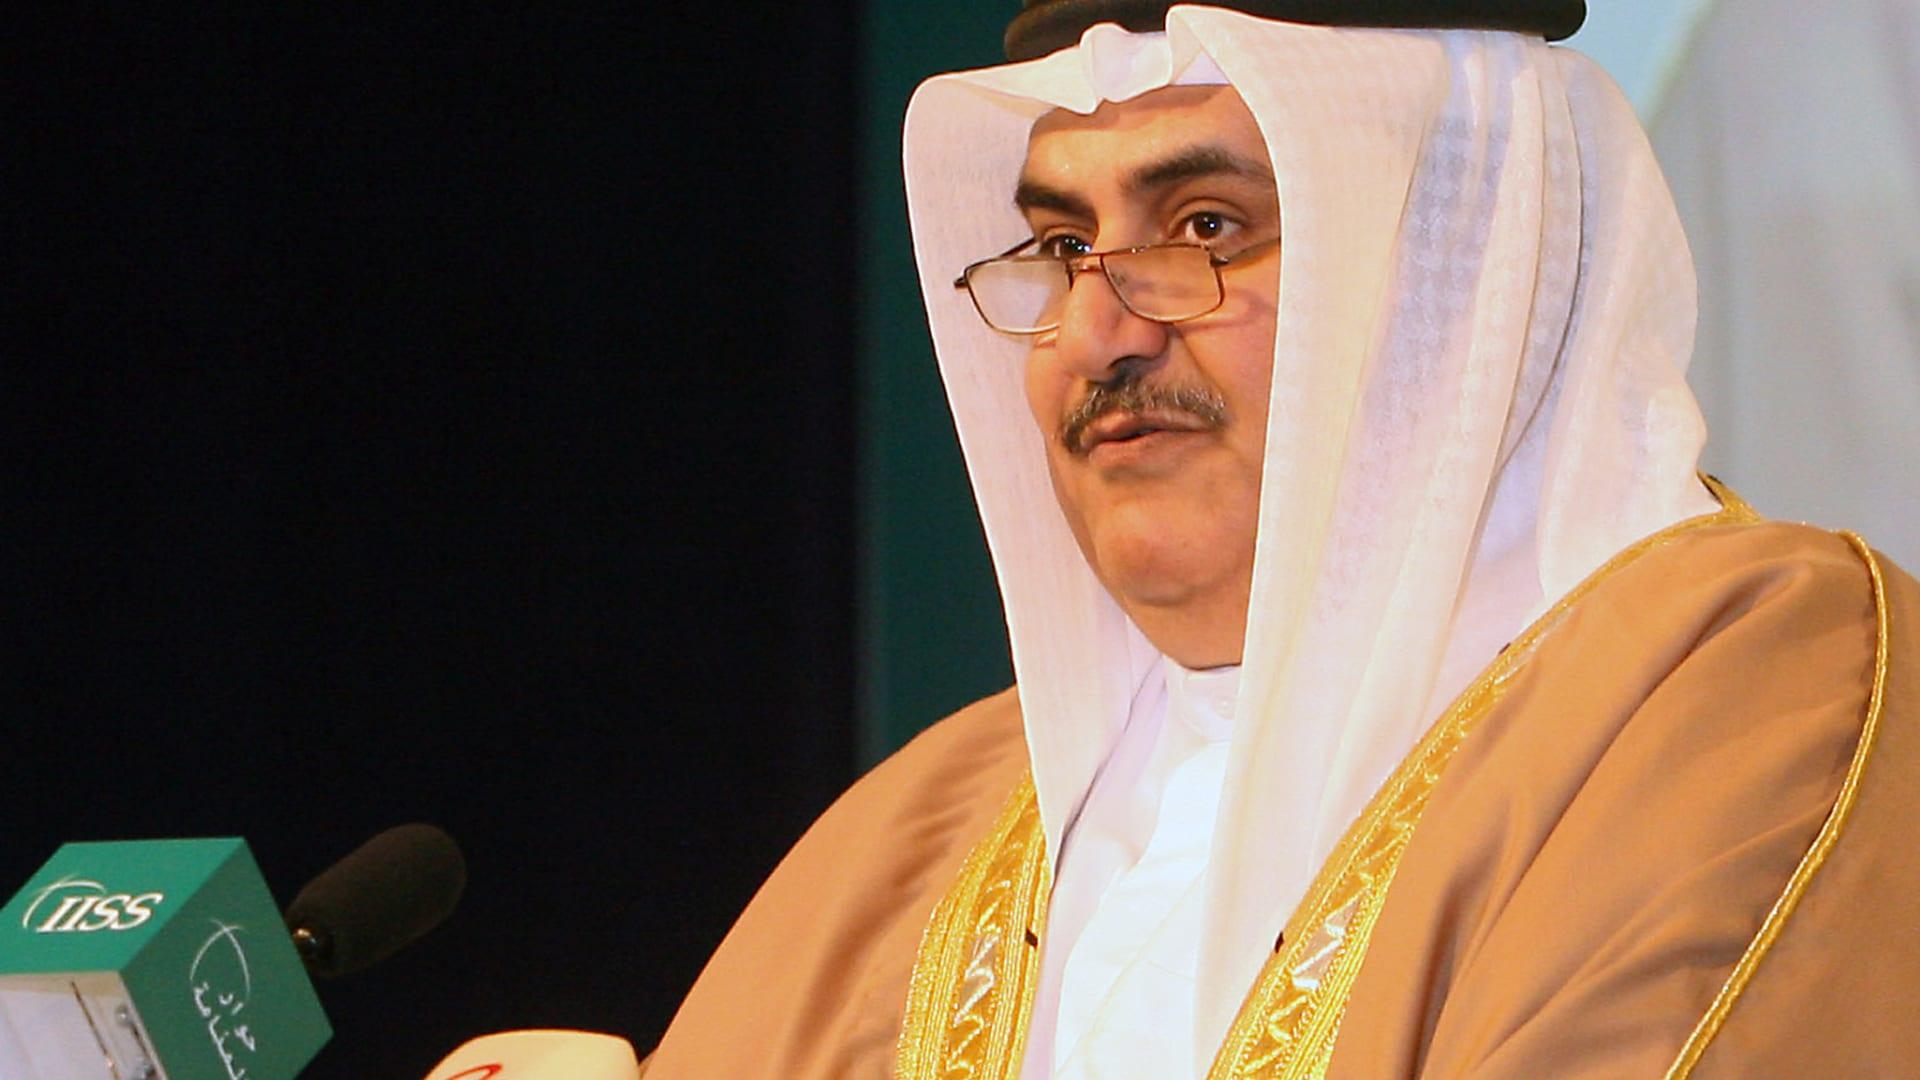 خالد بن أحمد يهاجم الجزيرة: القضاء البحريني لا يسمح التدخل به